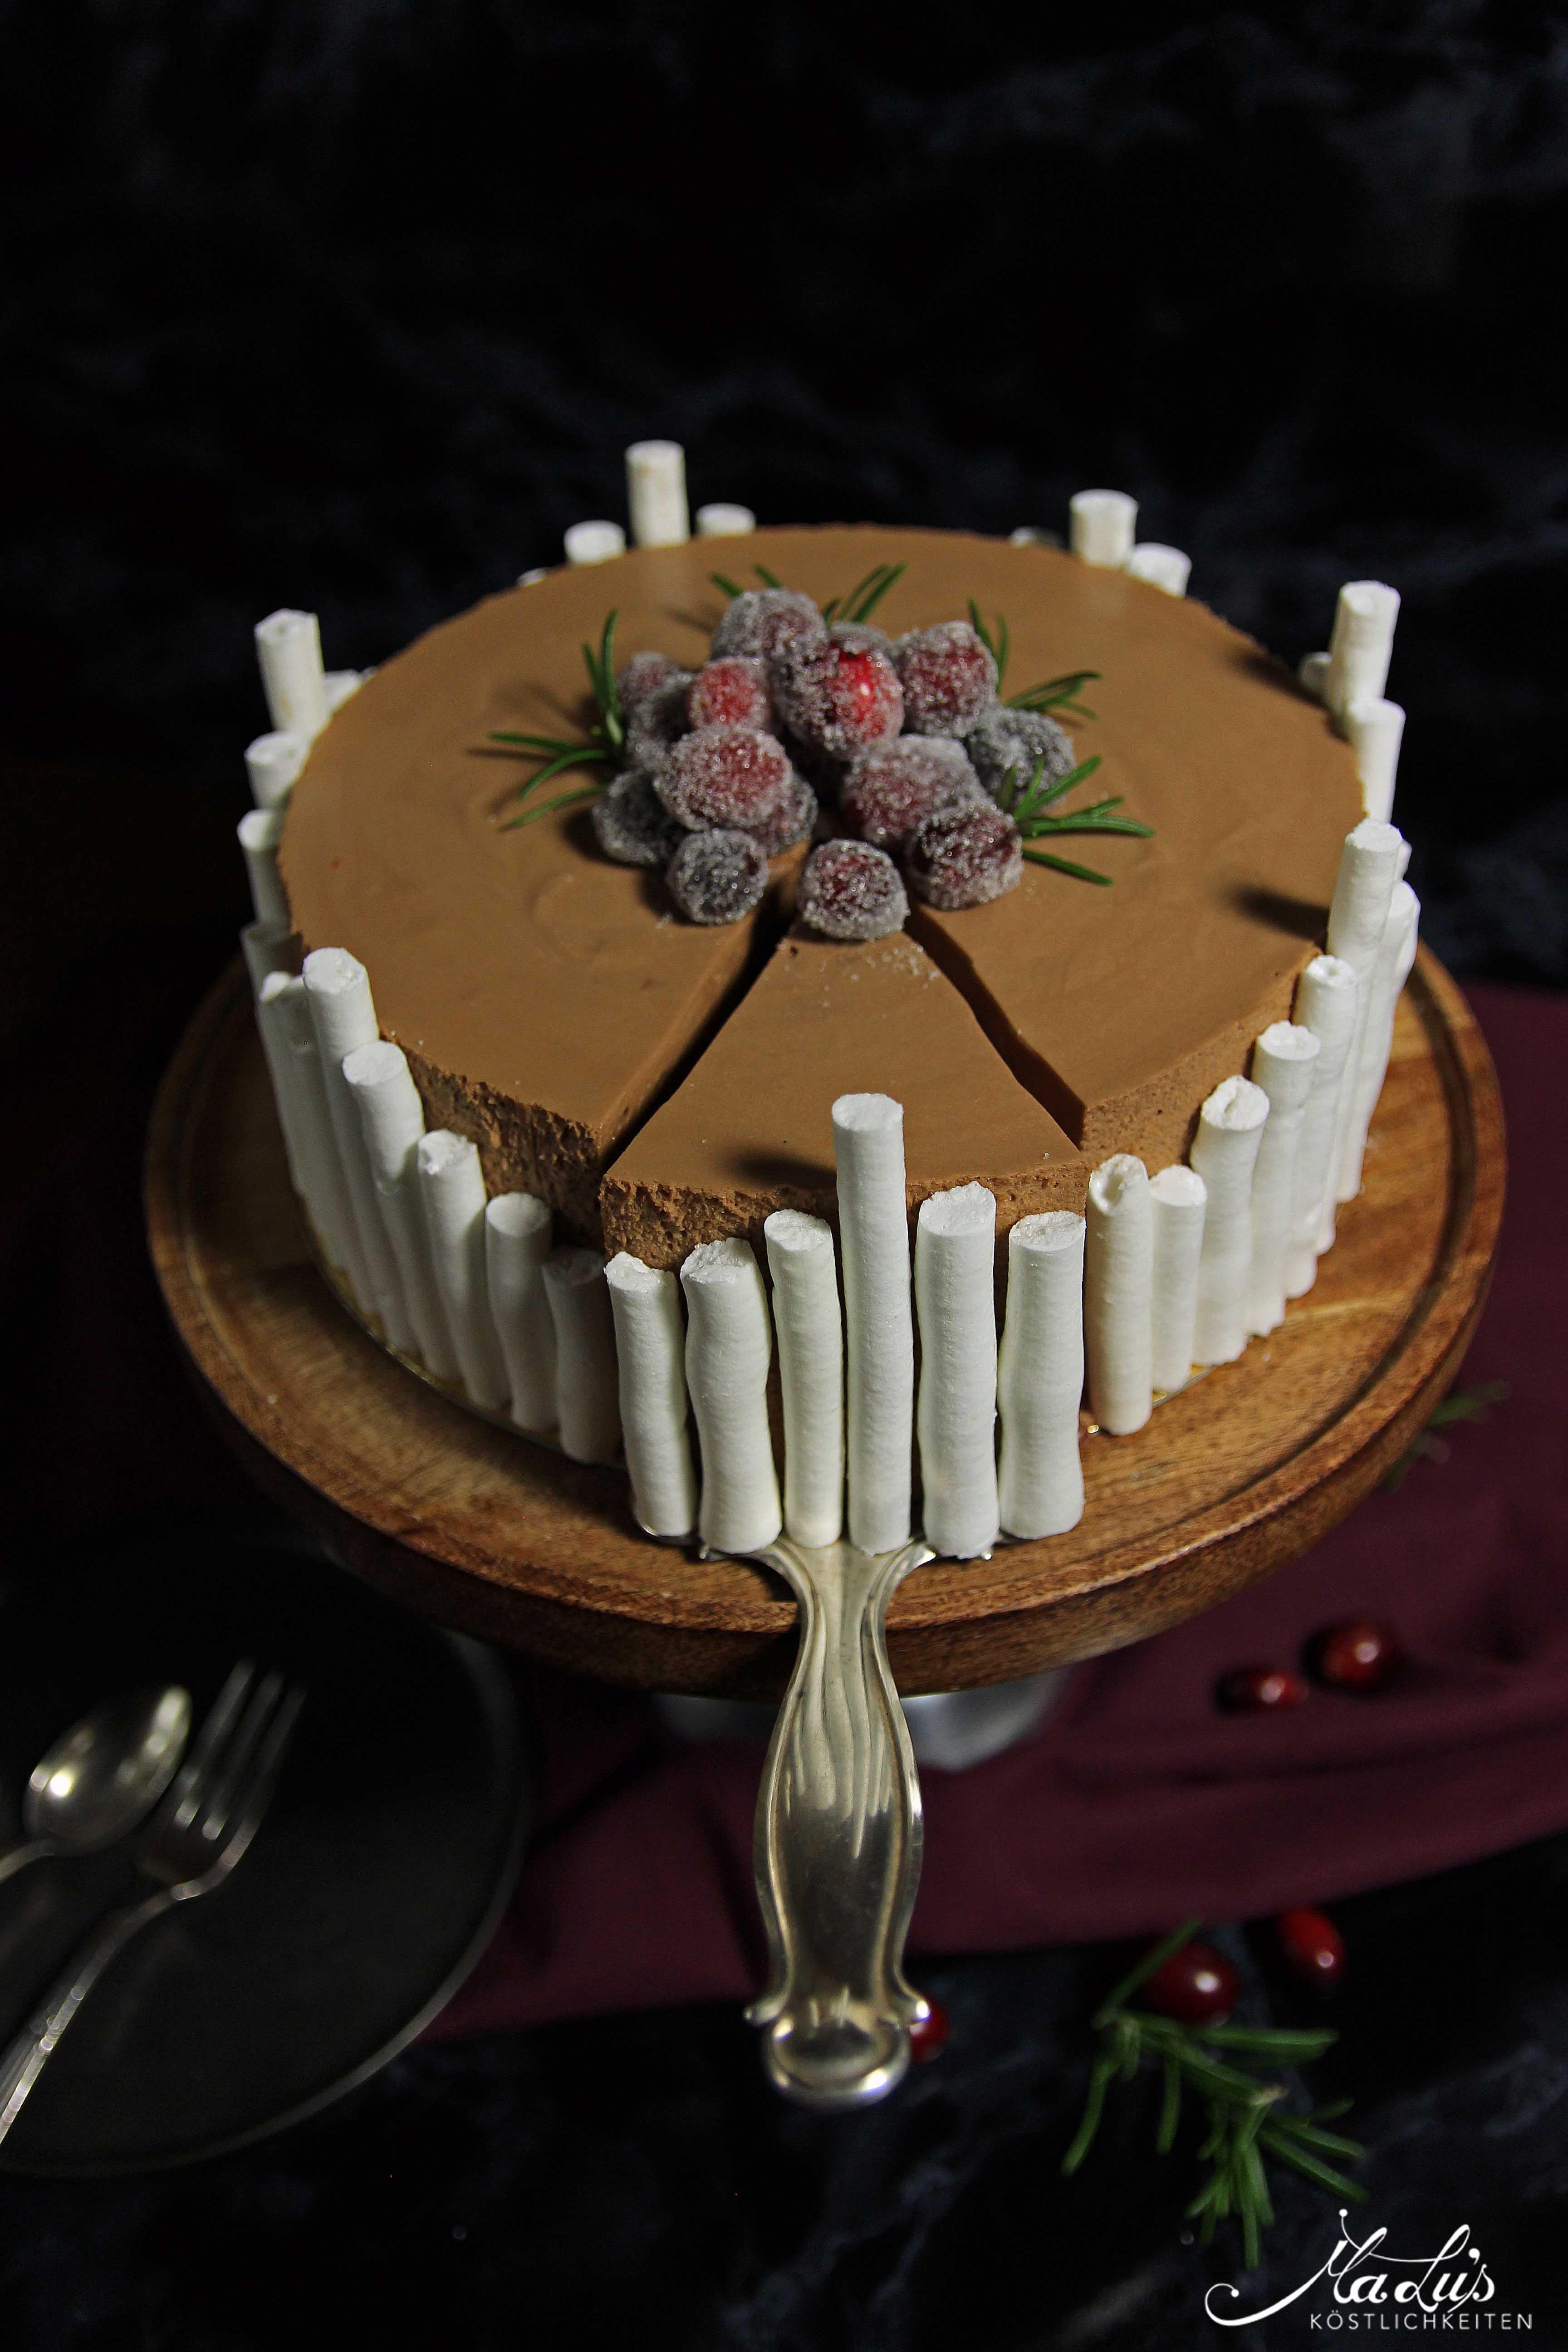 Schokoladentorte mit Cranberries, Orange & Rosmarin